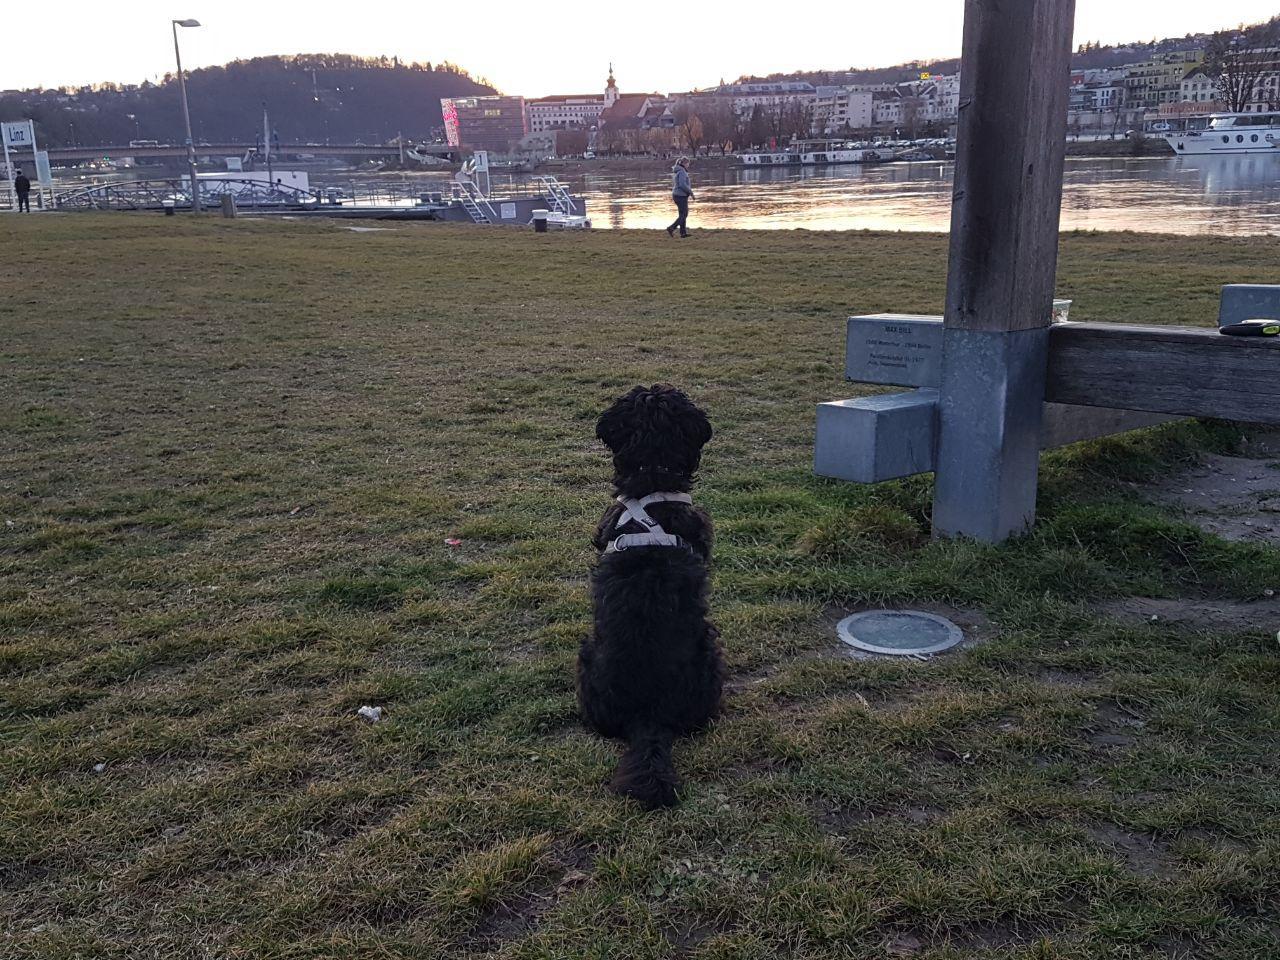 """Собака. Линц. Австрия. Дунай. Проект """"Жизнь эмигранта"""" - авторские статьи о моей эмиграции в Австрию"""